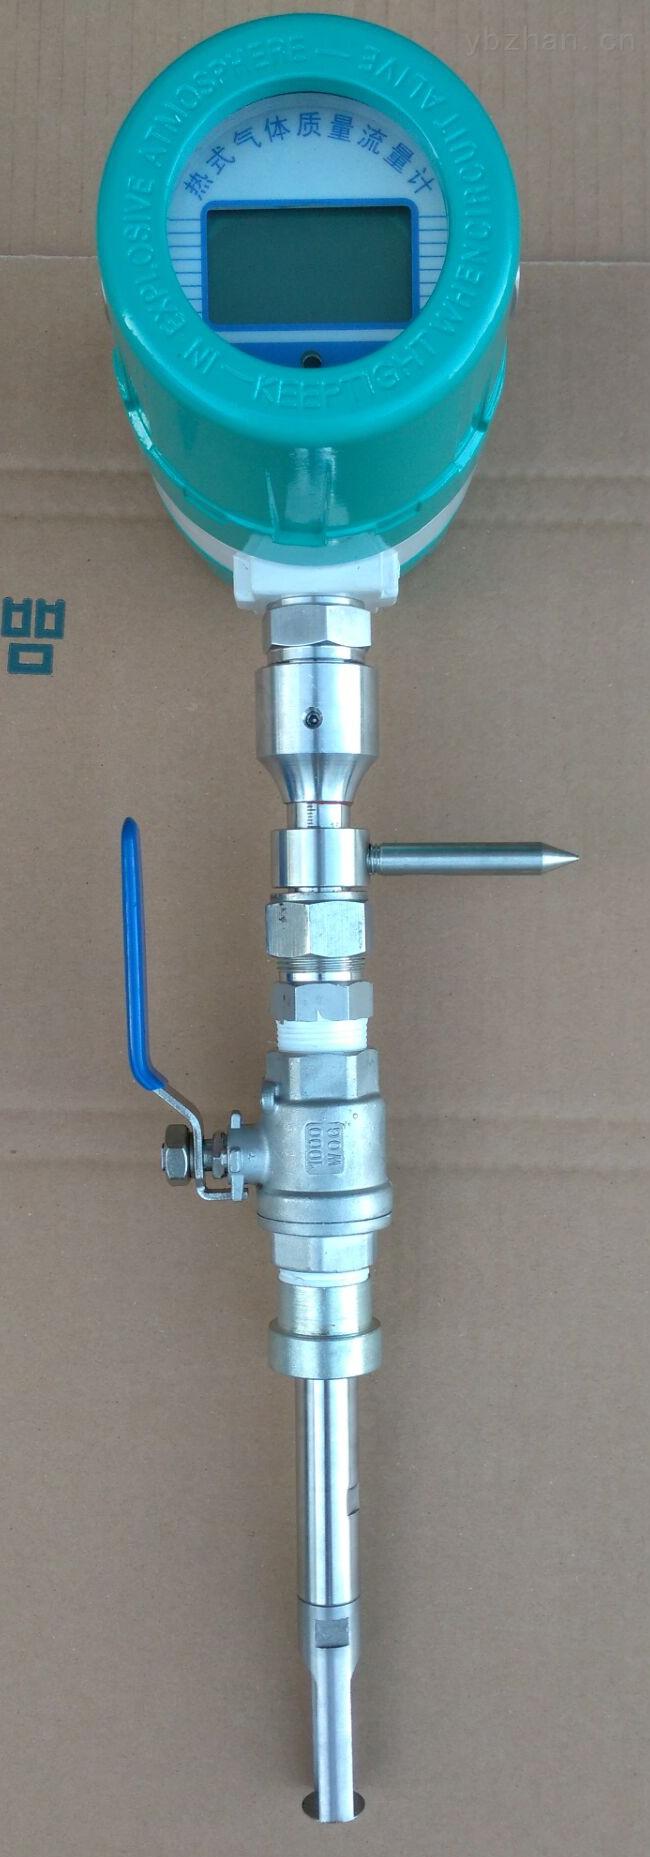 CXDTMF-DN500-热式气体质量流量計